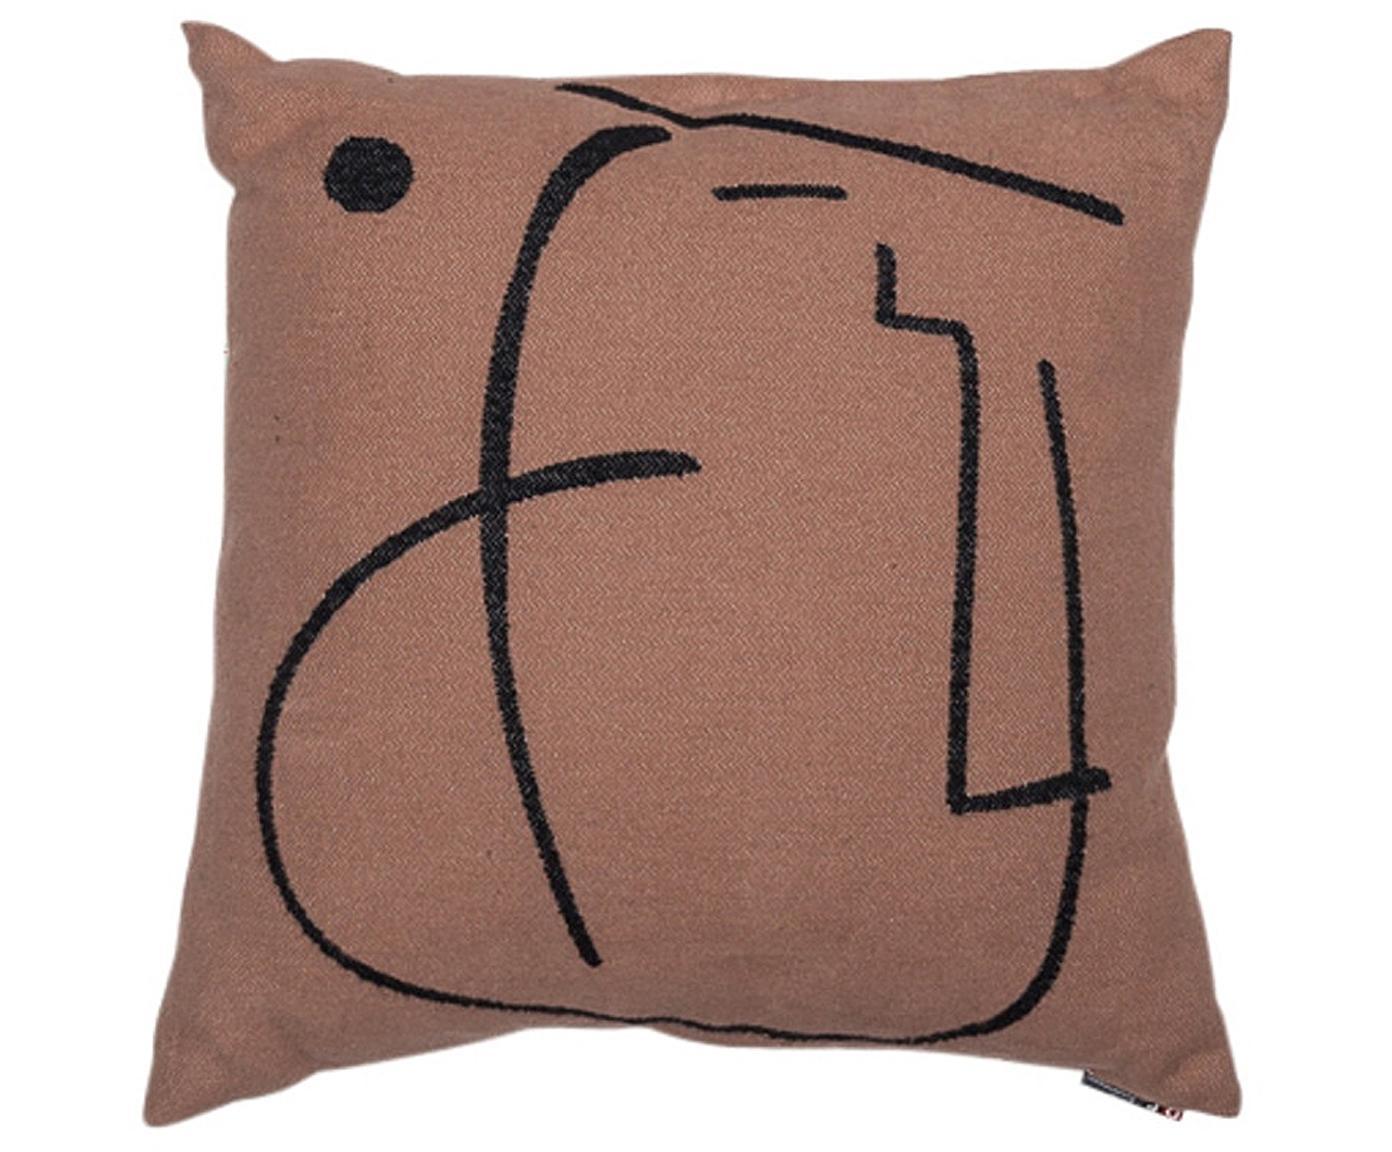 Kissen Nova Punkt mit abstraktem Print, mit Inlett, Bezug: 85% Baumwolle, 8% Viskose, Braun, Schwarz, 50 x 50 cm